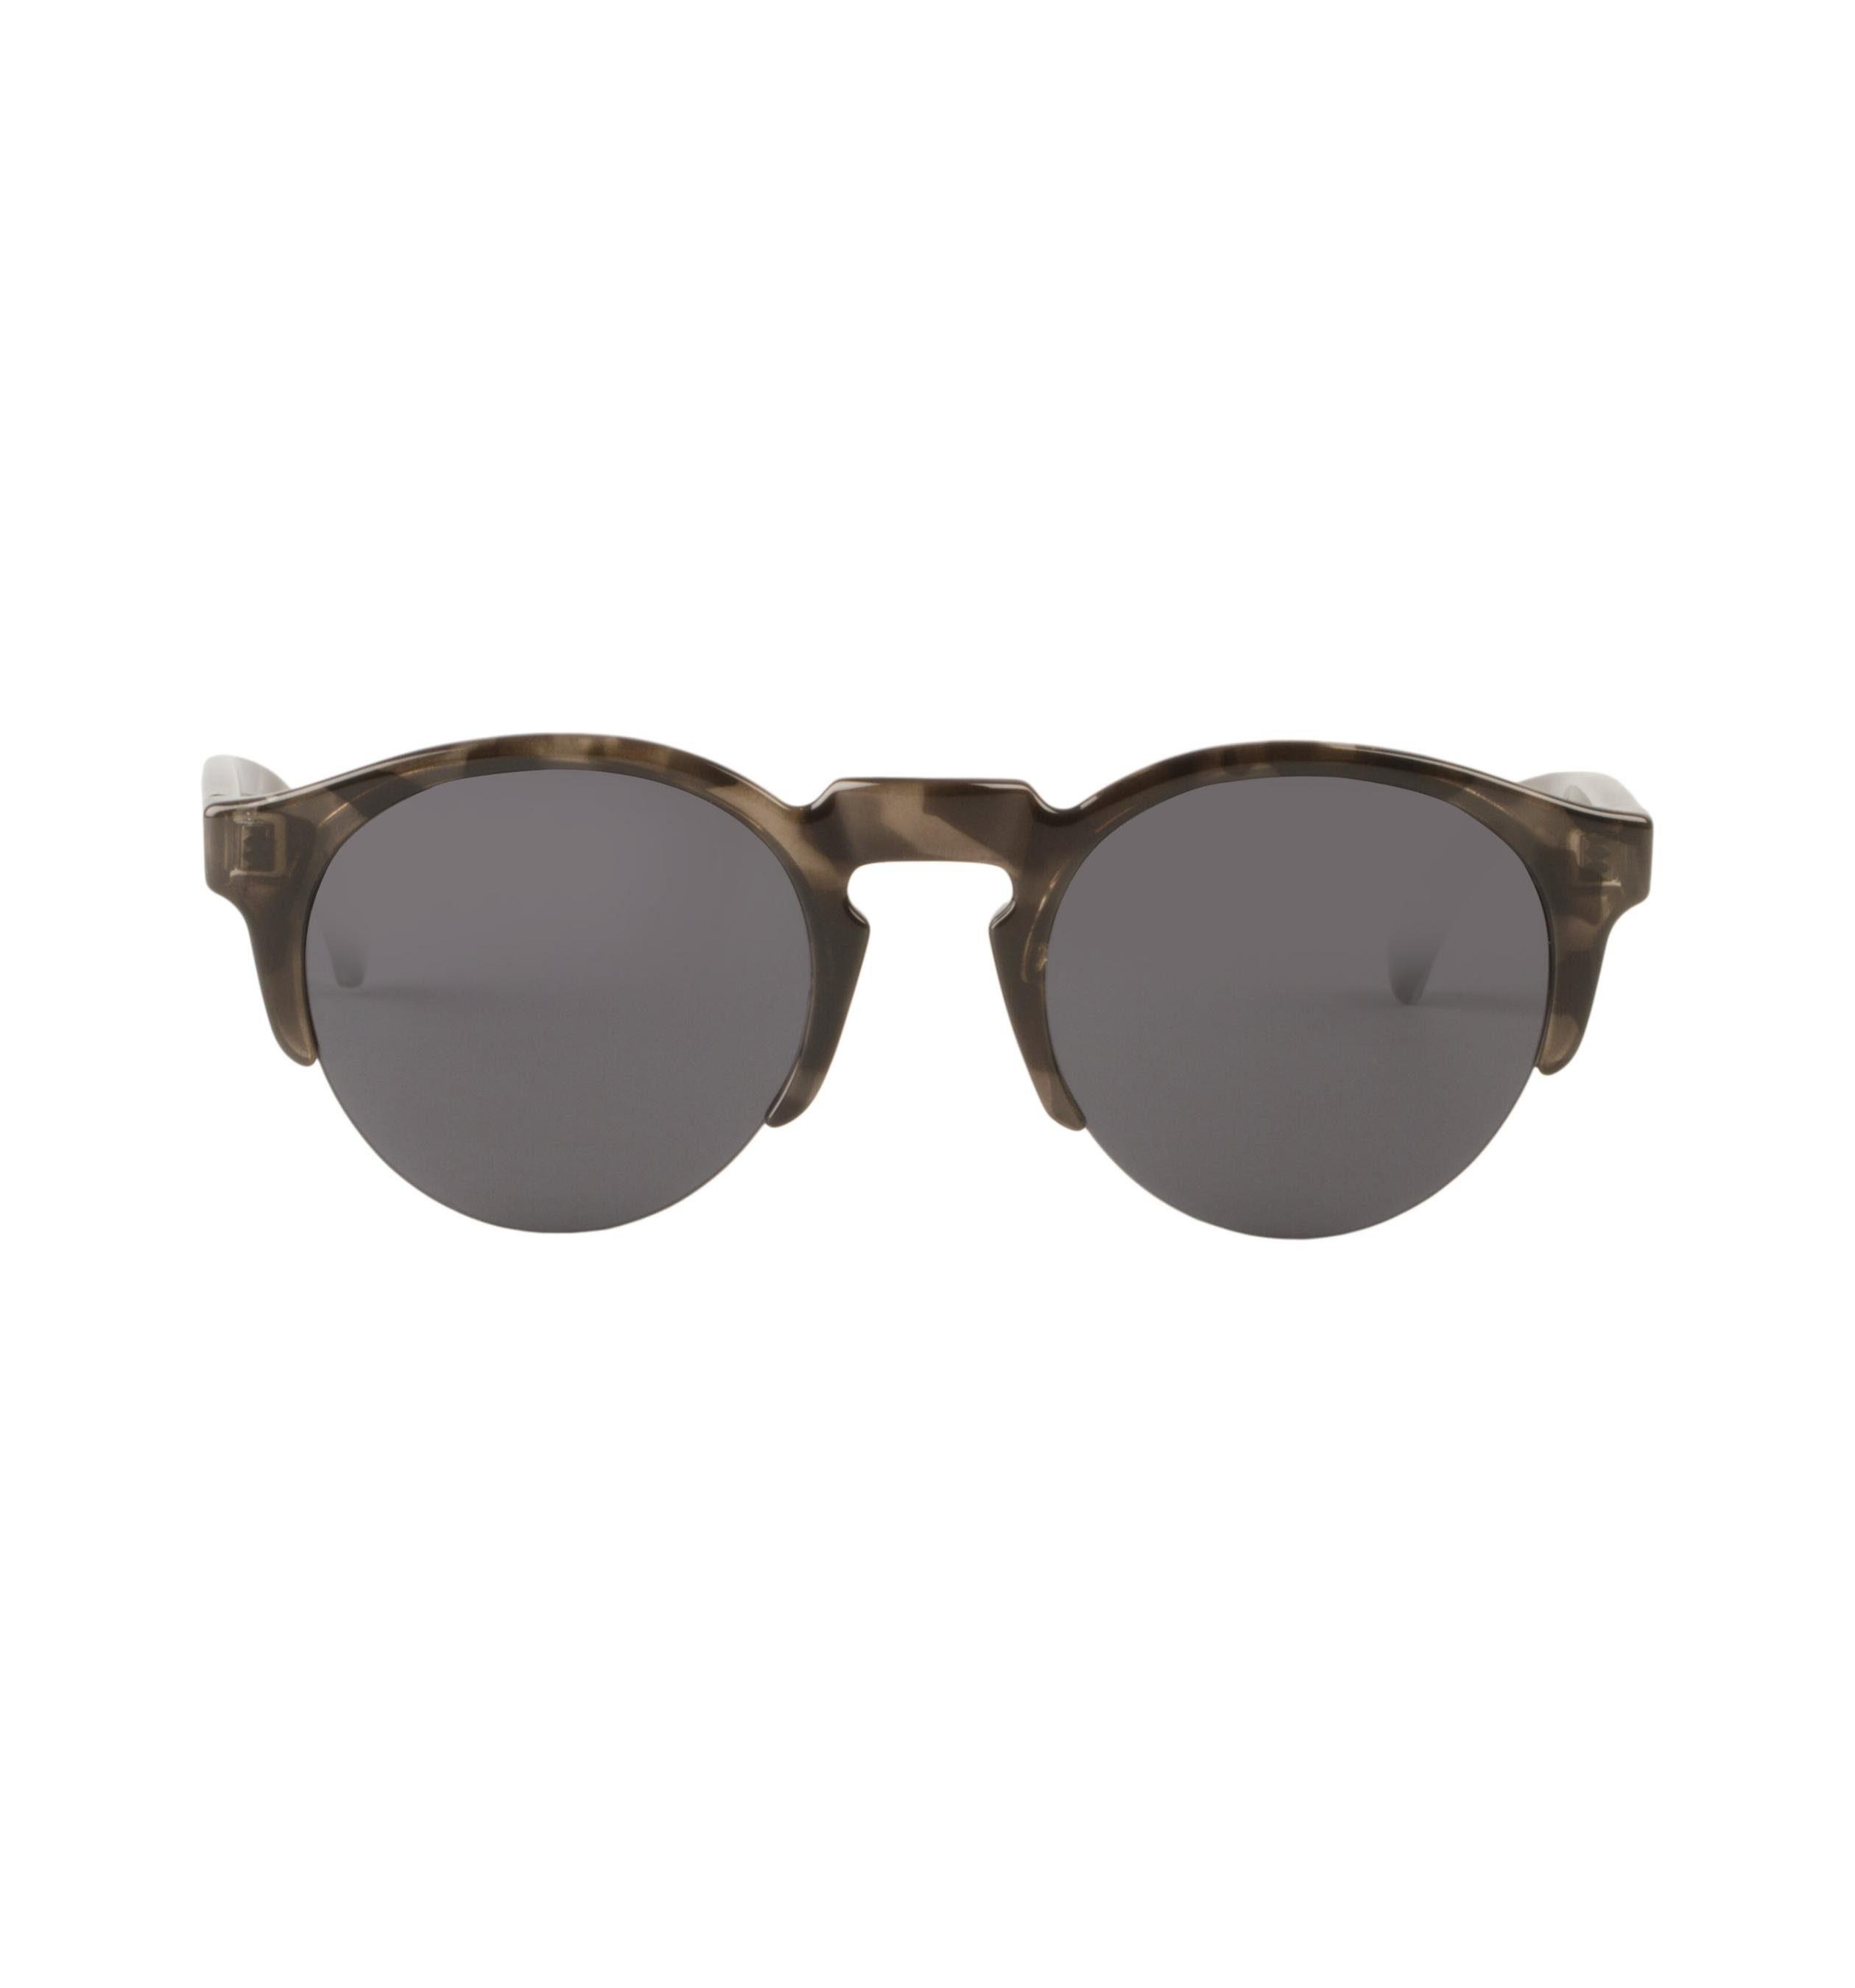 Mr. Boho Sonnenbrille »Graue Tortoise Born mit klassischen Gläsern«